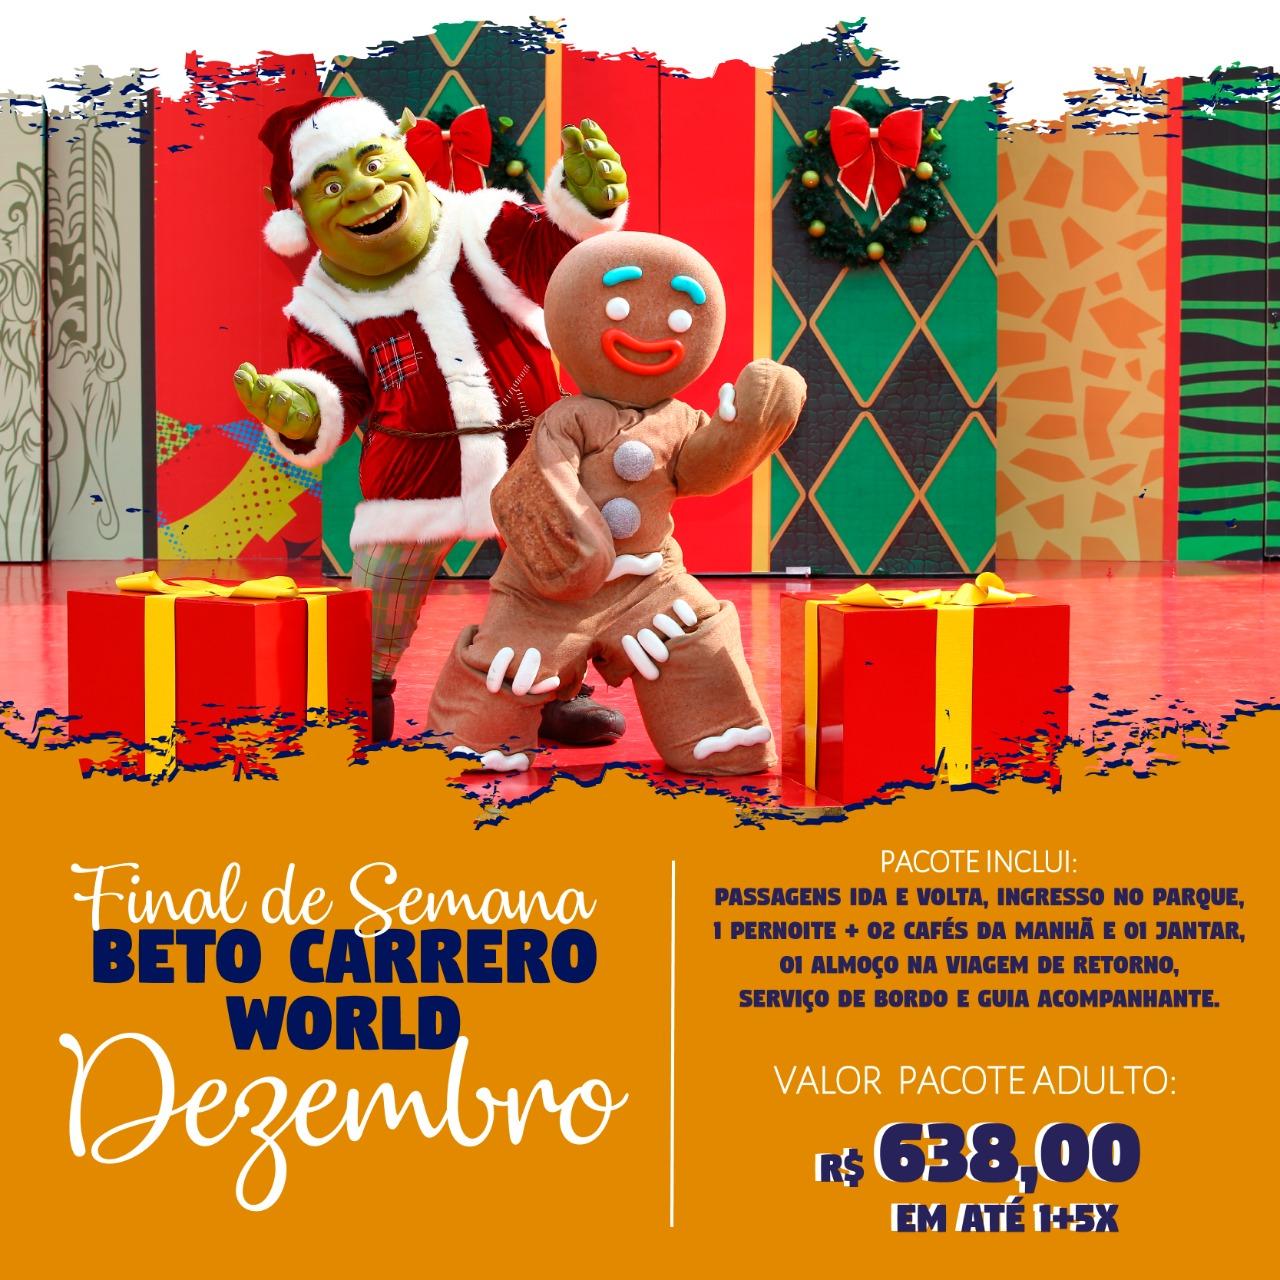 Dezembro - Beto Carrero